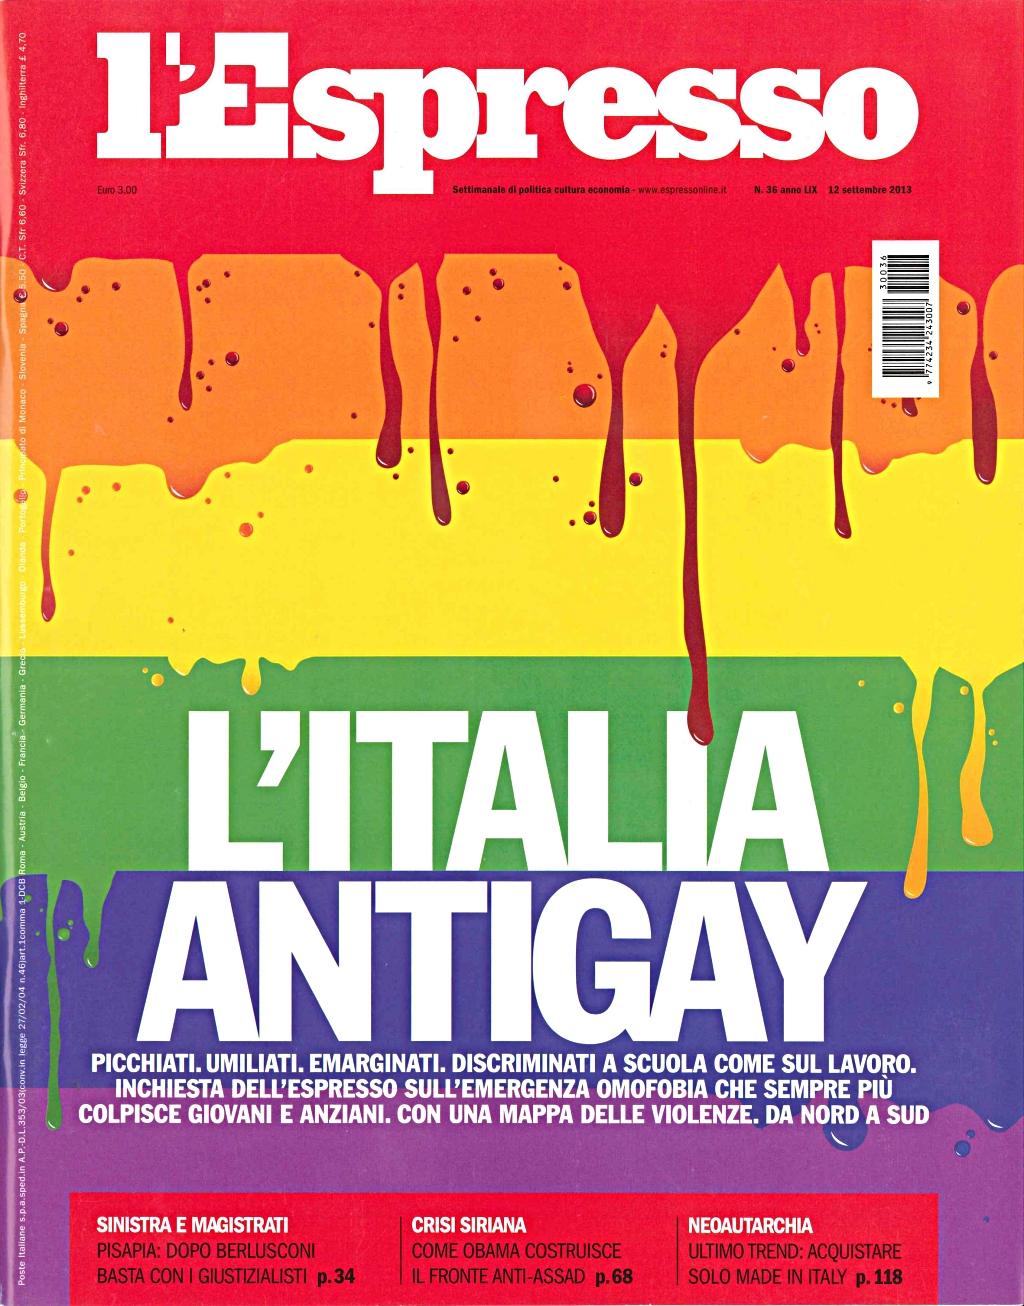 omofobia-copertina-espresso